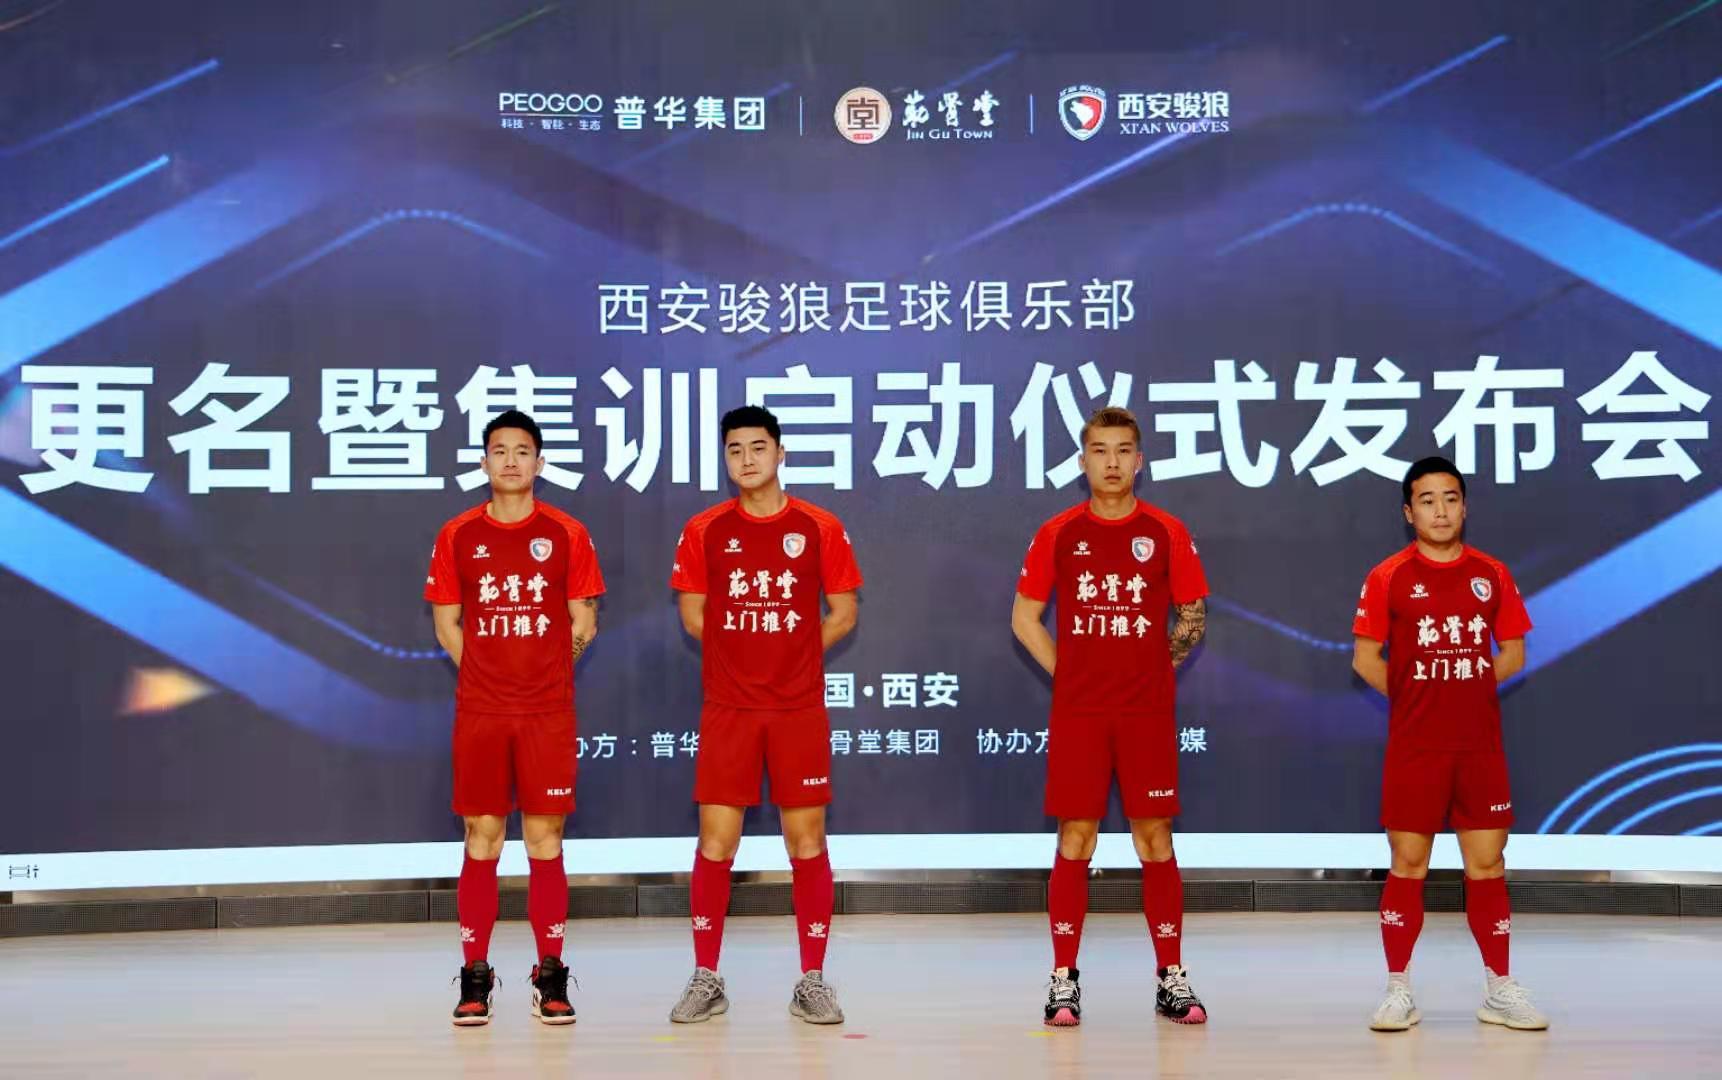 西安骏狼足球俱乐部更名暨集训启动仪式发布会举行